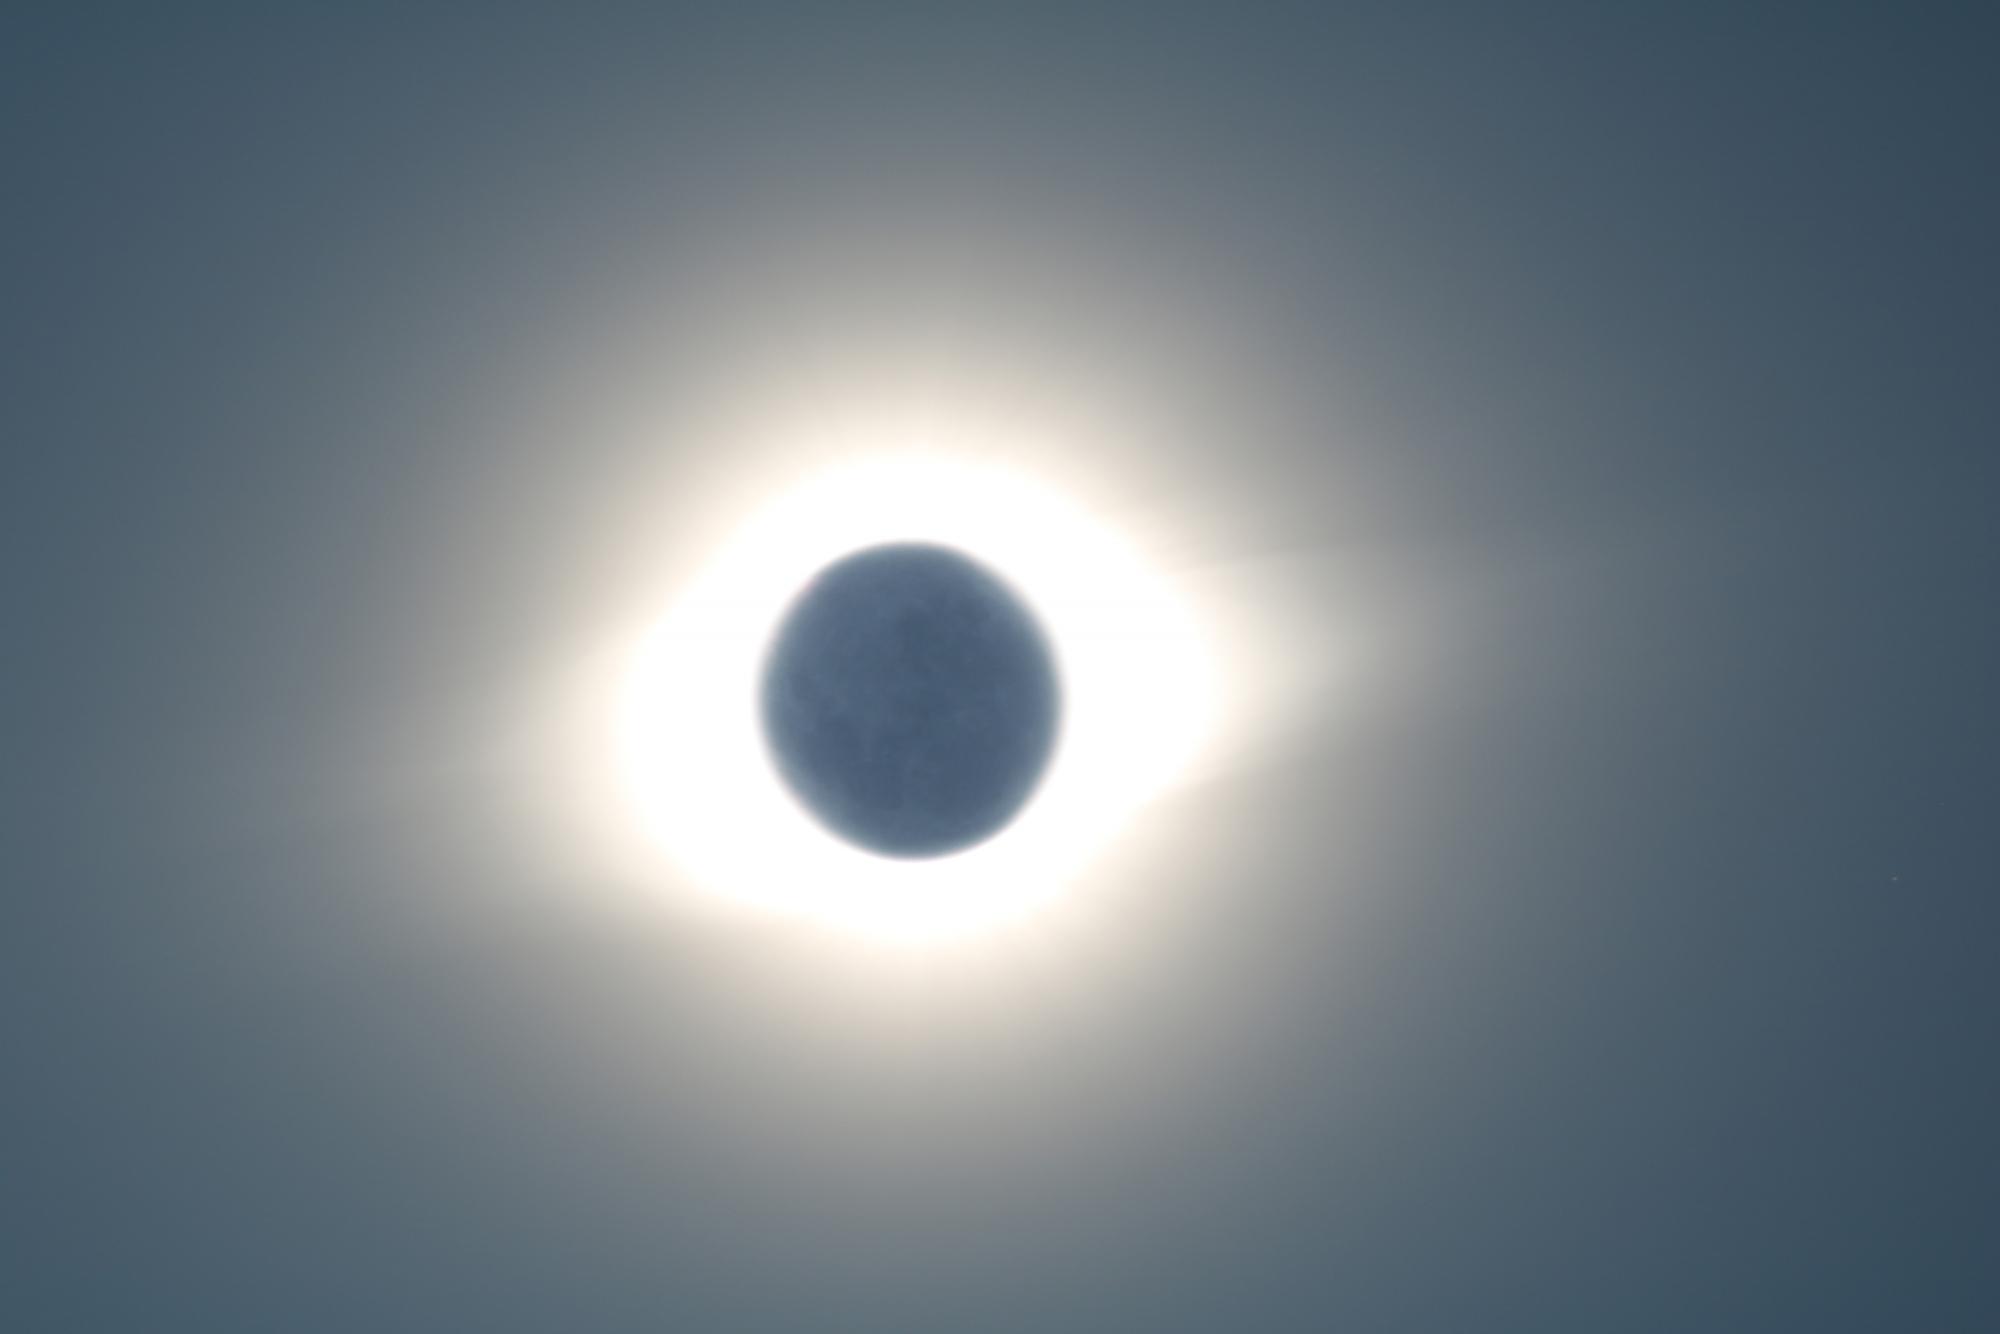 5d1f095bd5376_eclipse9445N1B3send.thumb.jpg.722c76b1784dab20ff441b8857b4d612.jpg